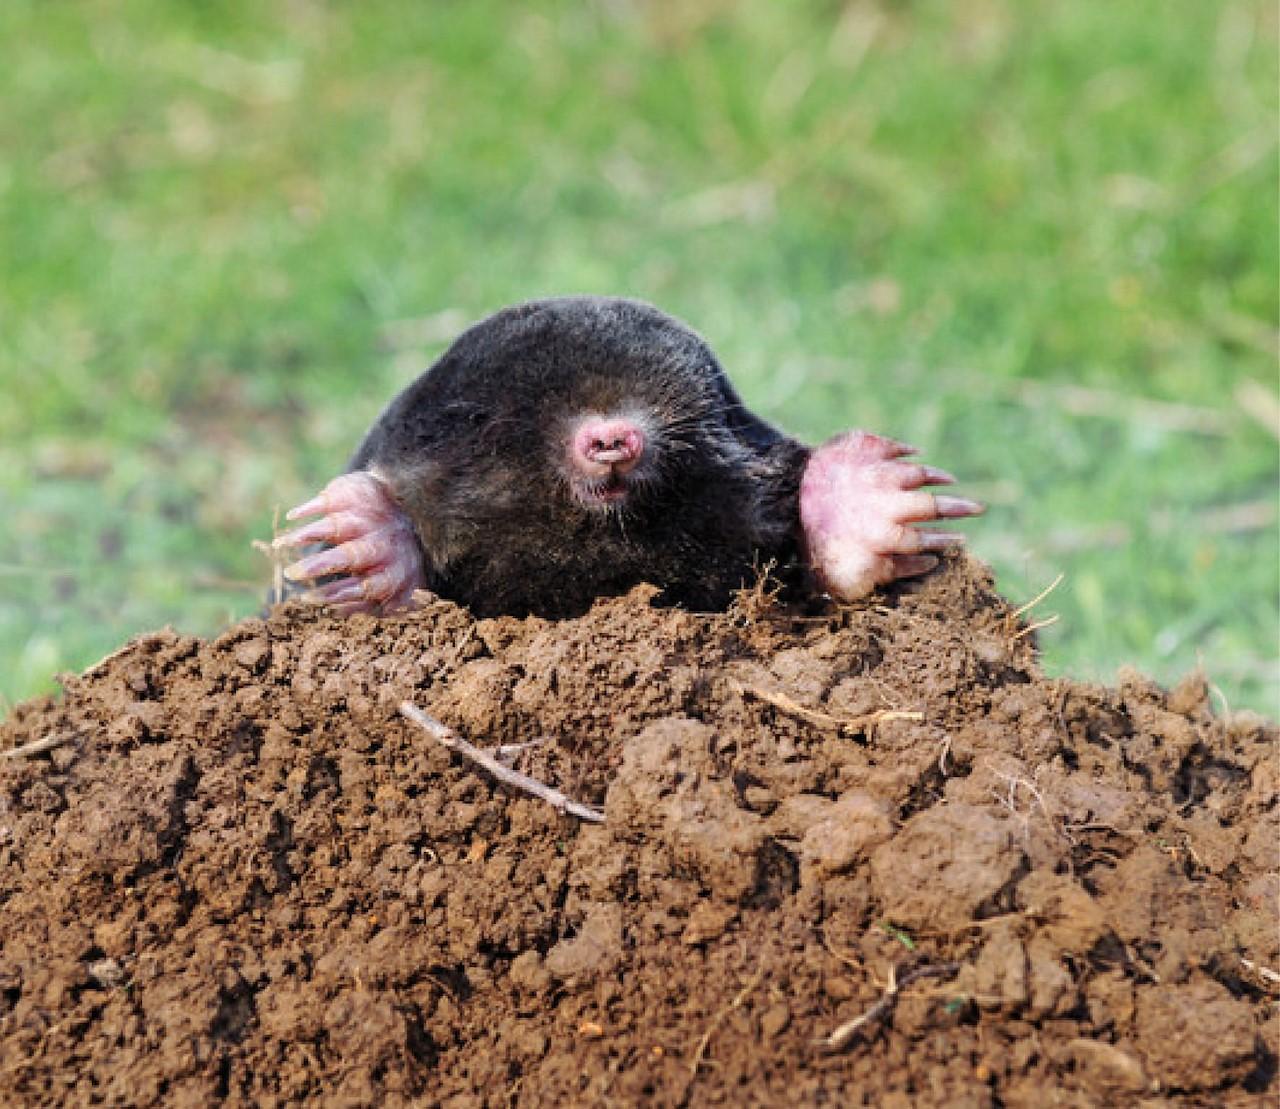 Ik heb een mol in mijn tuin! Hoe kom ik er van af?